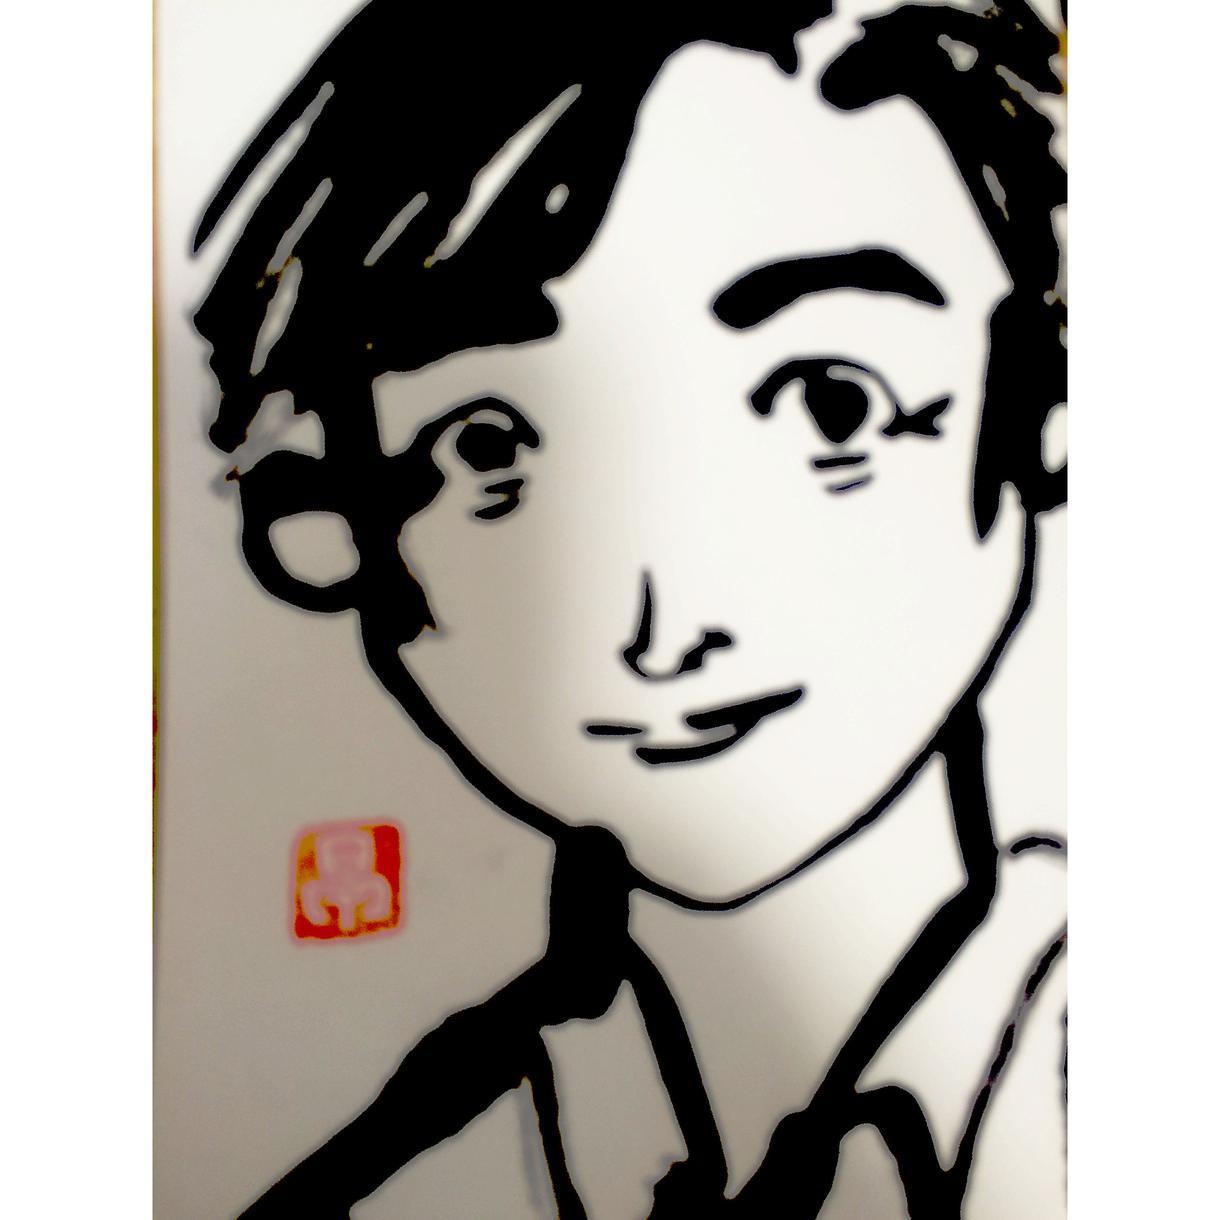 絵手紙のプロが墨で似顔絵を描かせていただきます